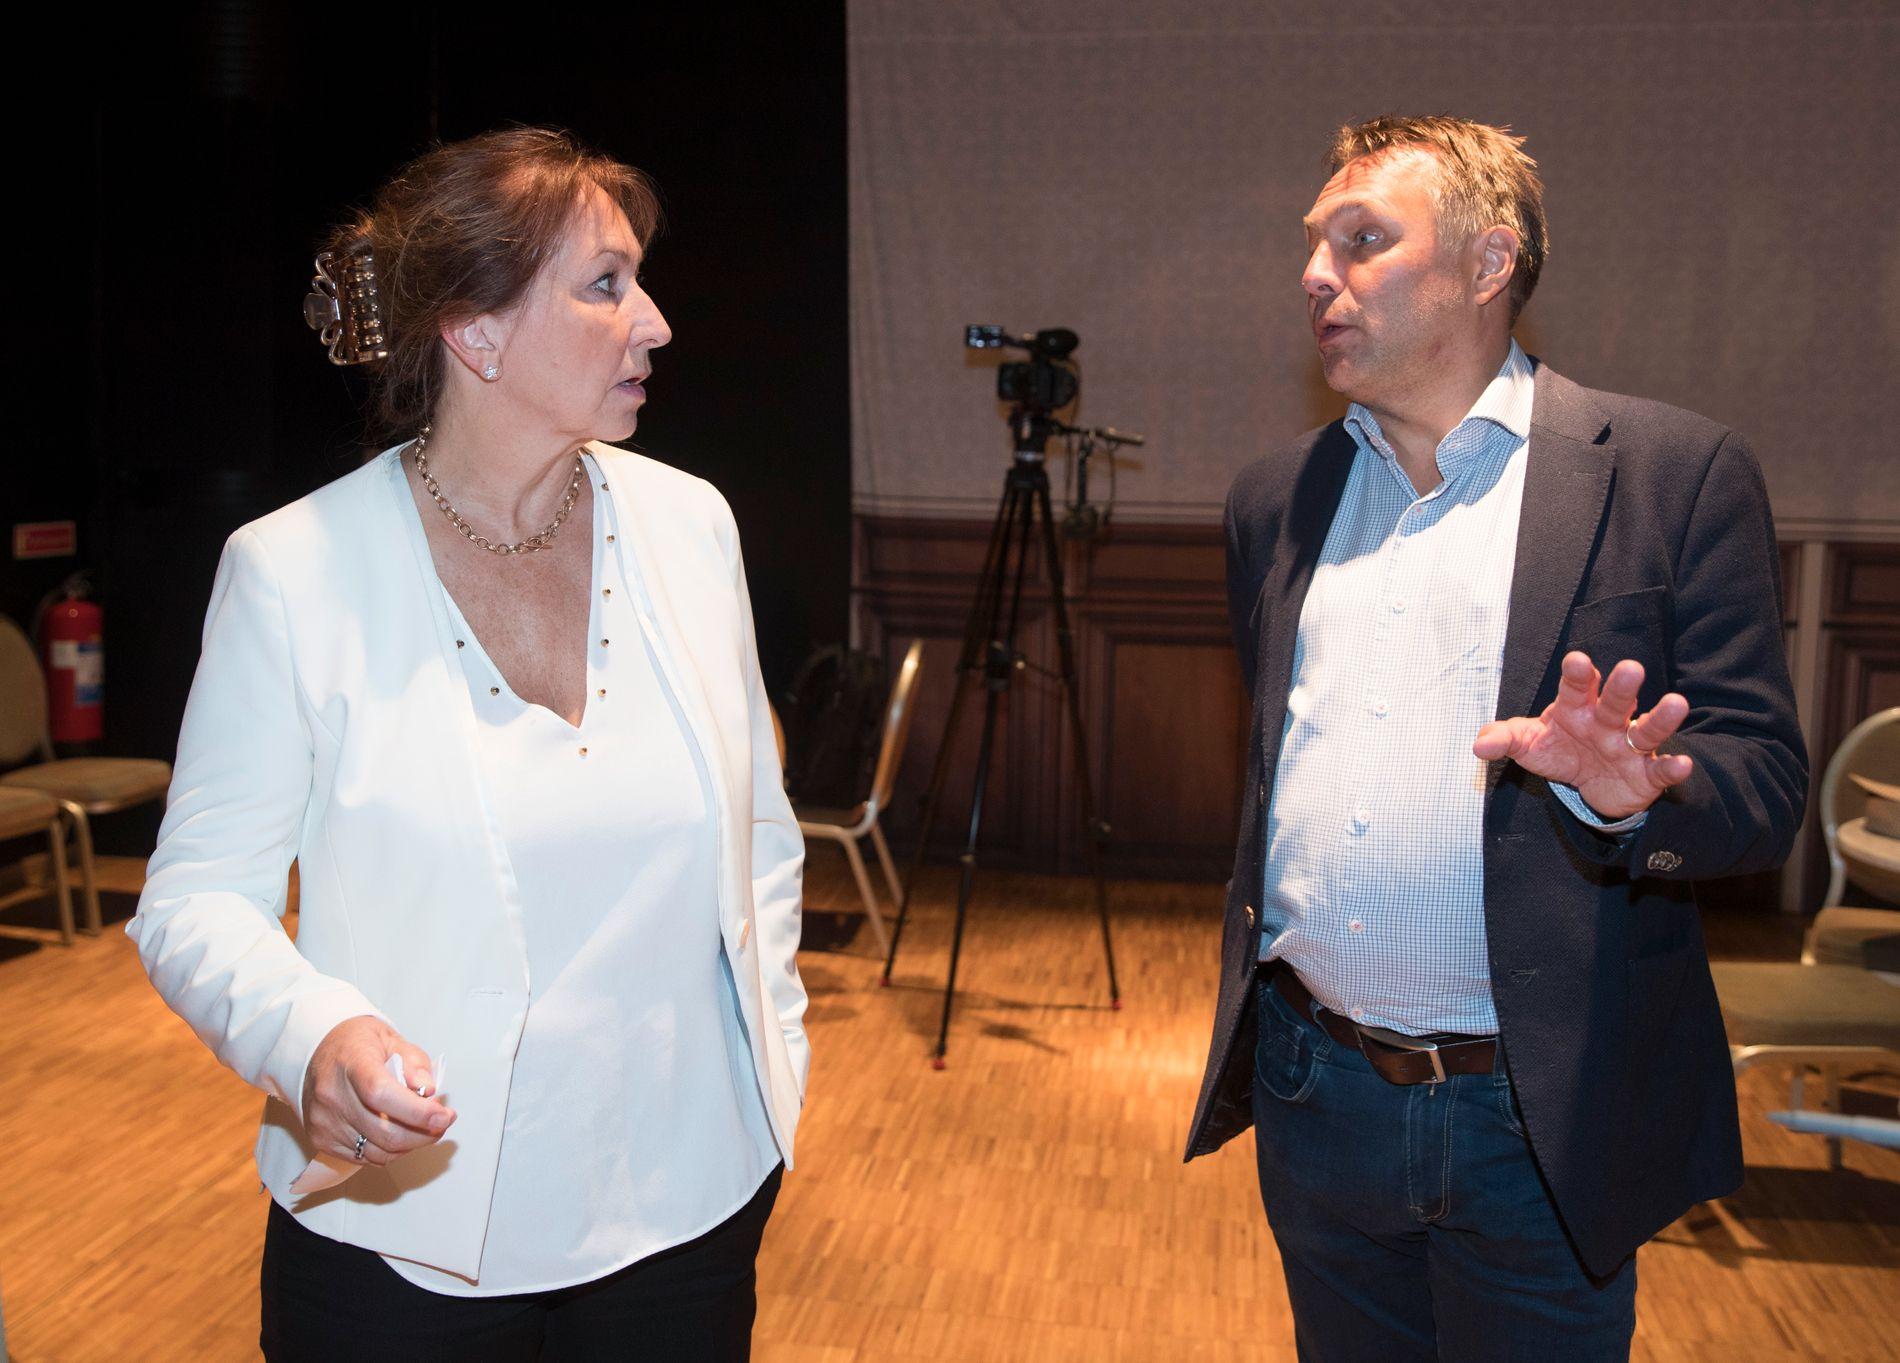 KS-leder Gunn Marit Helgesen og fylkesordfører Tore Sandvik i Trøndelag frykter hele regionreformen vil smuldre opp dersom tvangssammenslåingen av Troms og Finnmark oppheves.